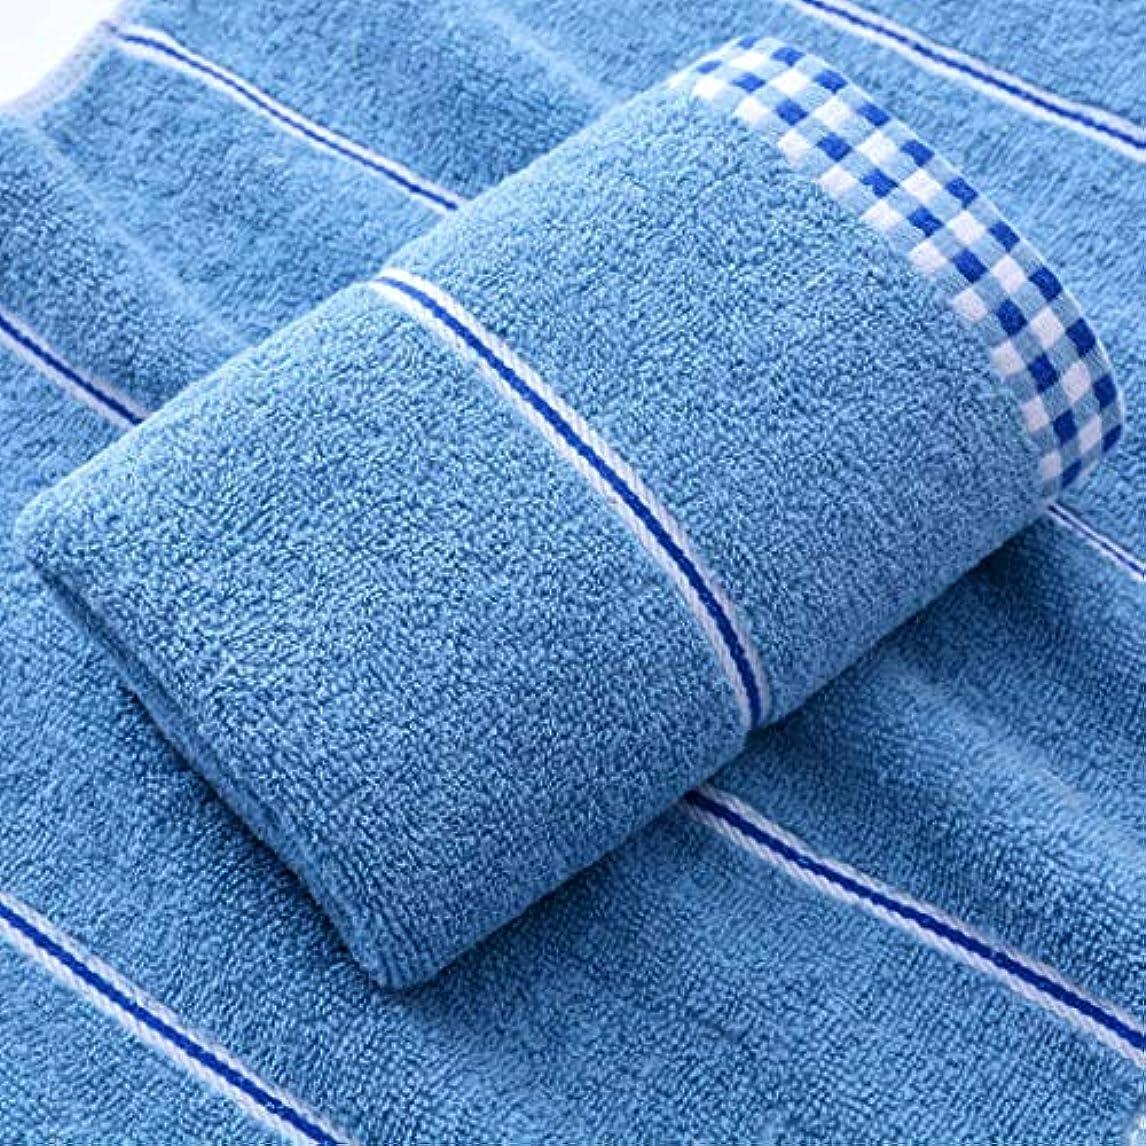 隔離する彼女はまともなファッション高級スーパーソフトコットンタオルと速乾性タオル,Blue,33*73cm